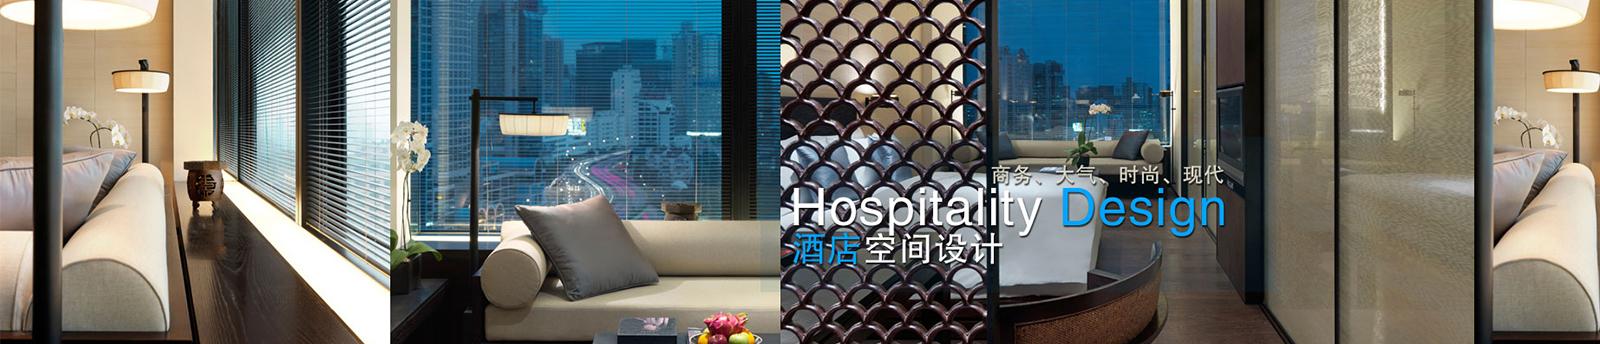 上海酒店全民彩票官网